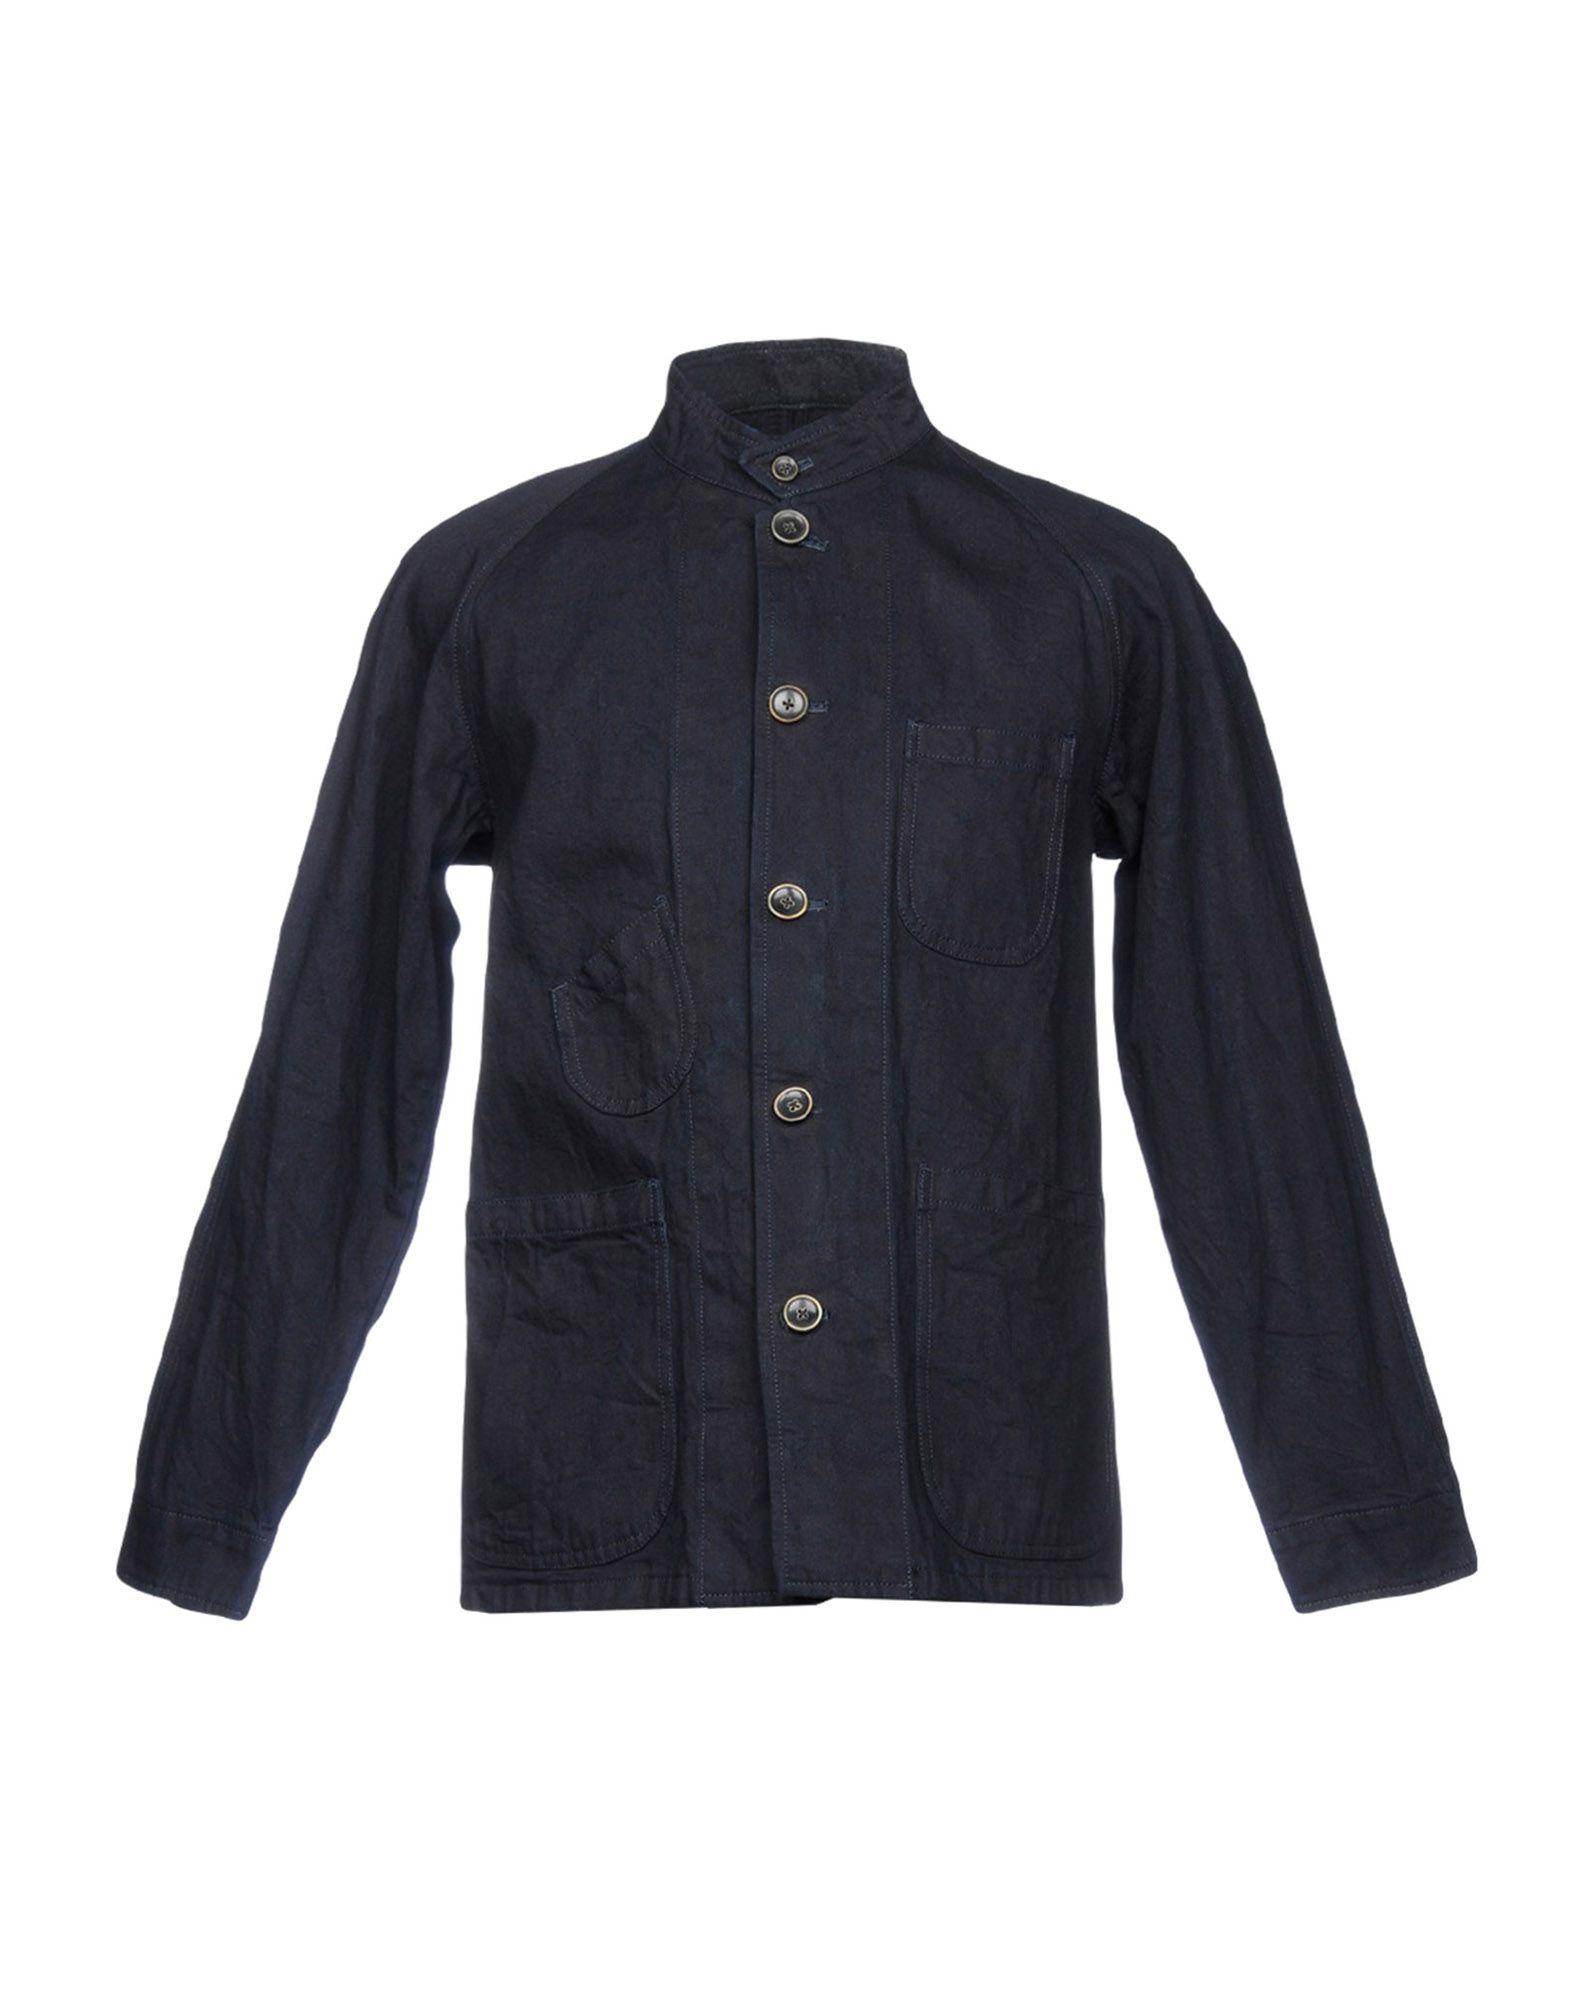 CHIMALA Джинсовая верхняя одежда colmar джинсовая верхняя одежда